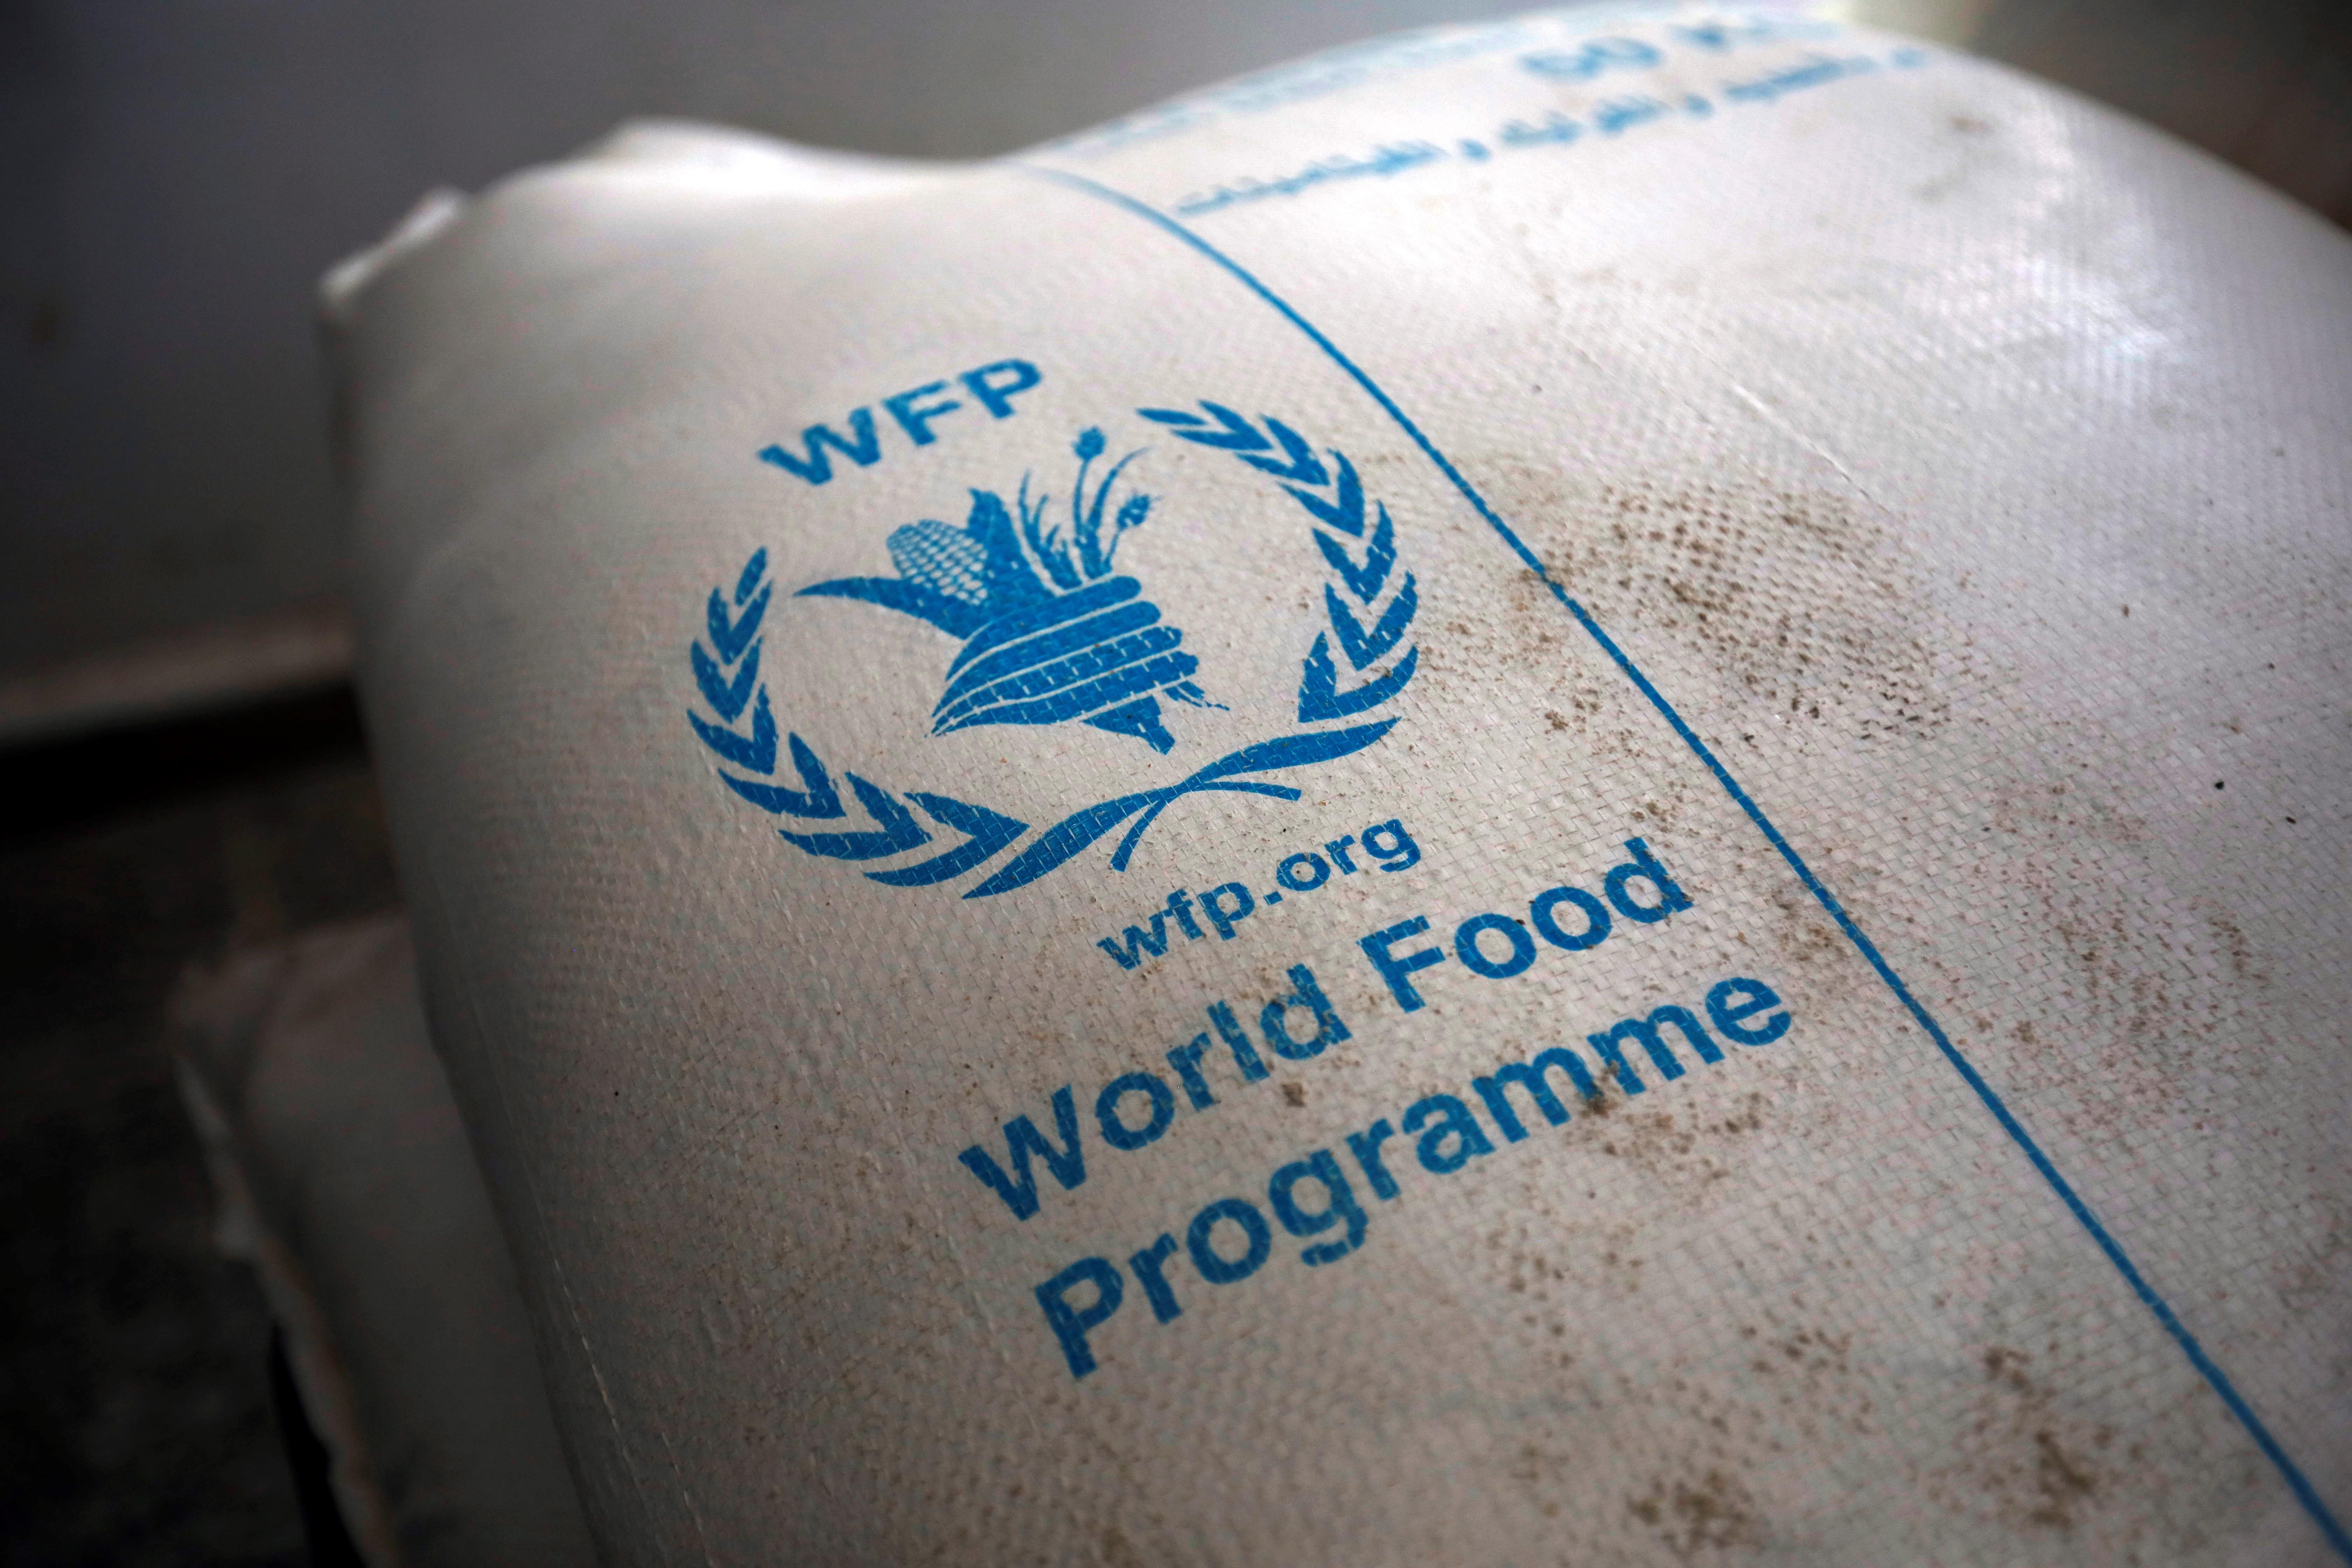 COMIDA. Raciones de alimentos proporcionadas por el Programa Mundial de Alimentos en un centro de distribución de ayuda en Sana'a, Yemen, el 11 de febrero de 2020. | Foto: Efe.